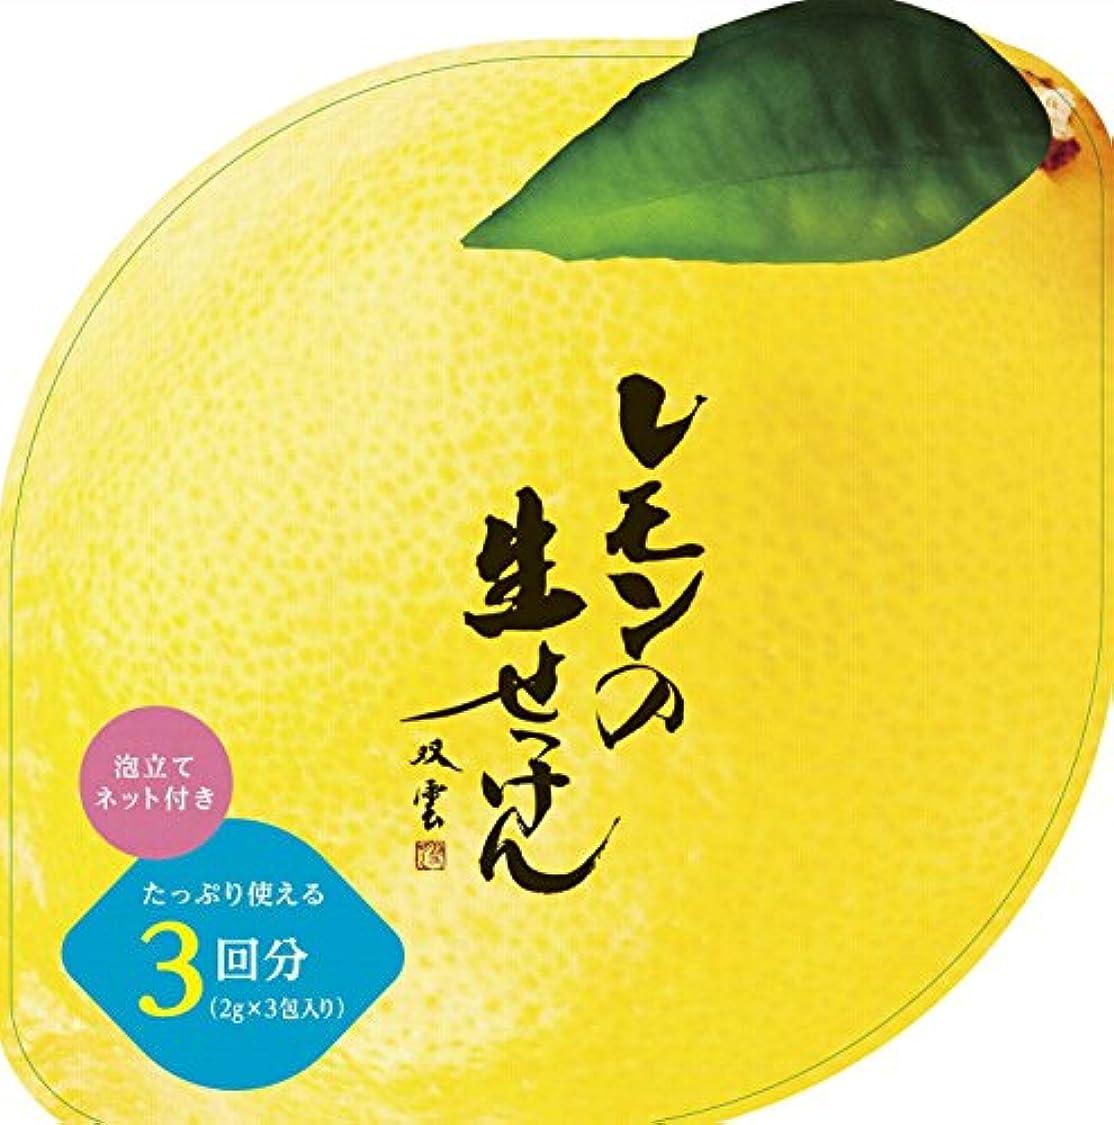 最小化する好奇心盛幸運なことに美香柑 レモンの生せっけん 2g×3包入